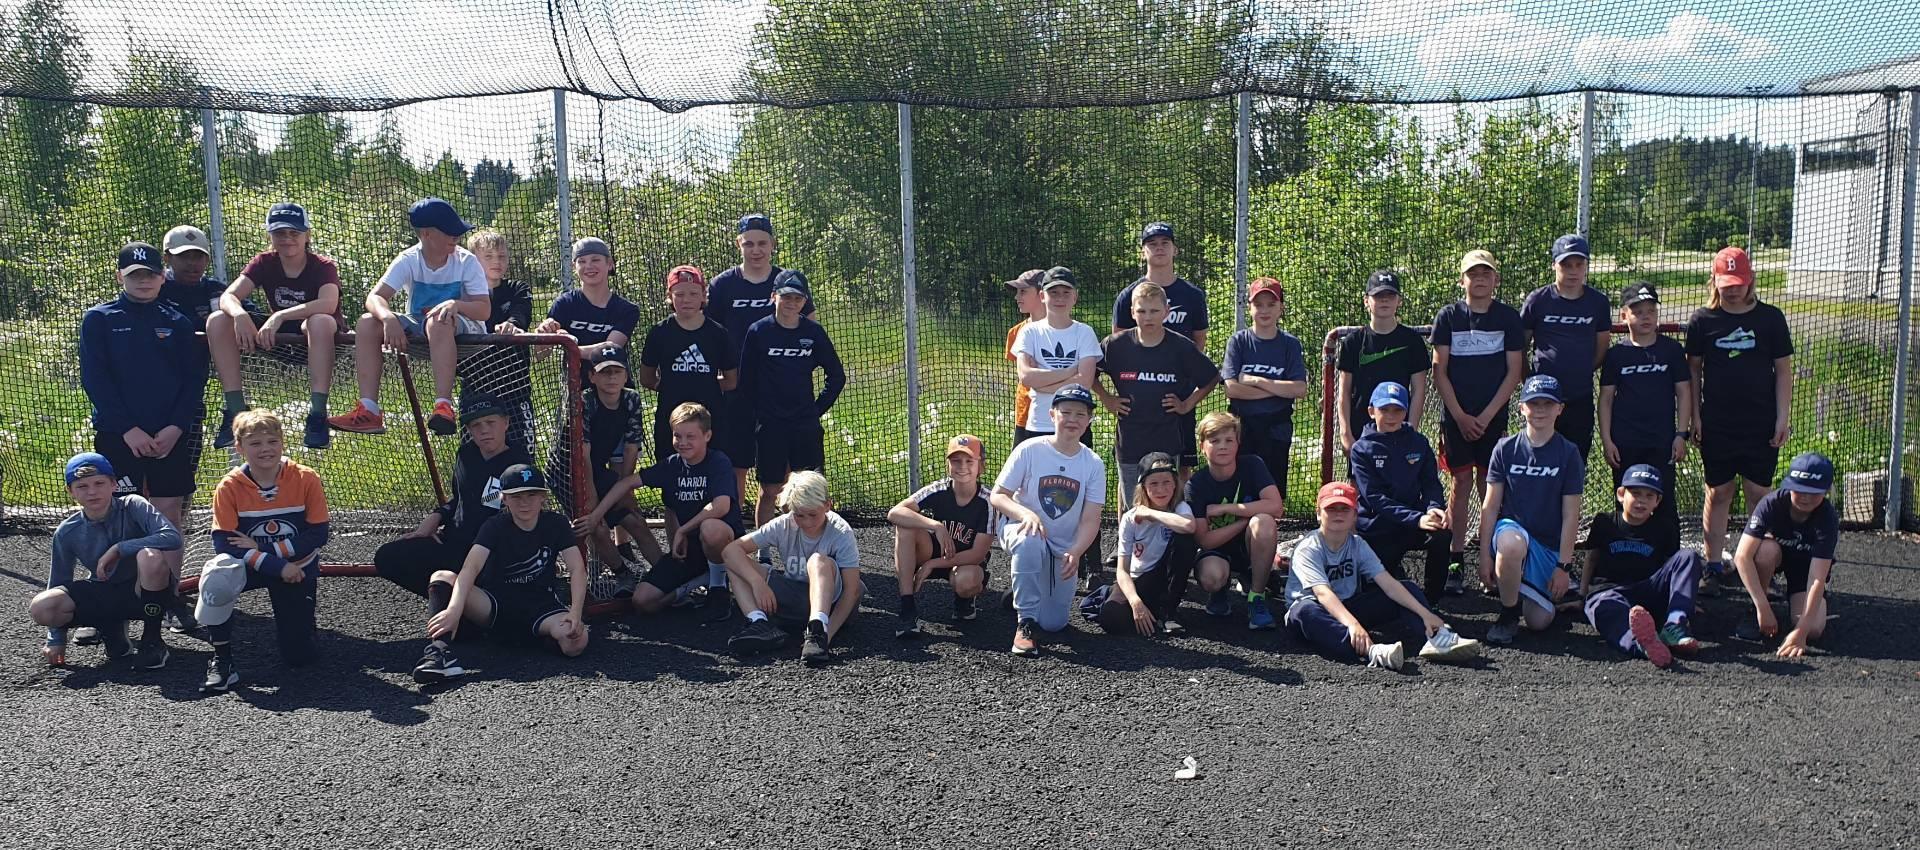 Peli- ja luisteluleirillä U13-14 jääkausi pakettiin